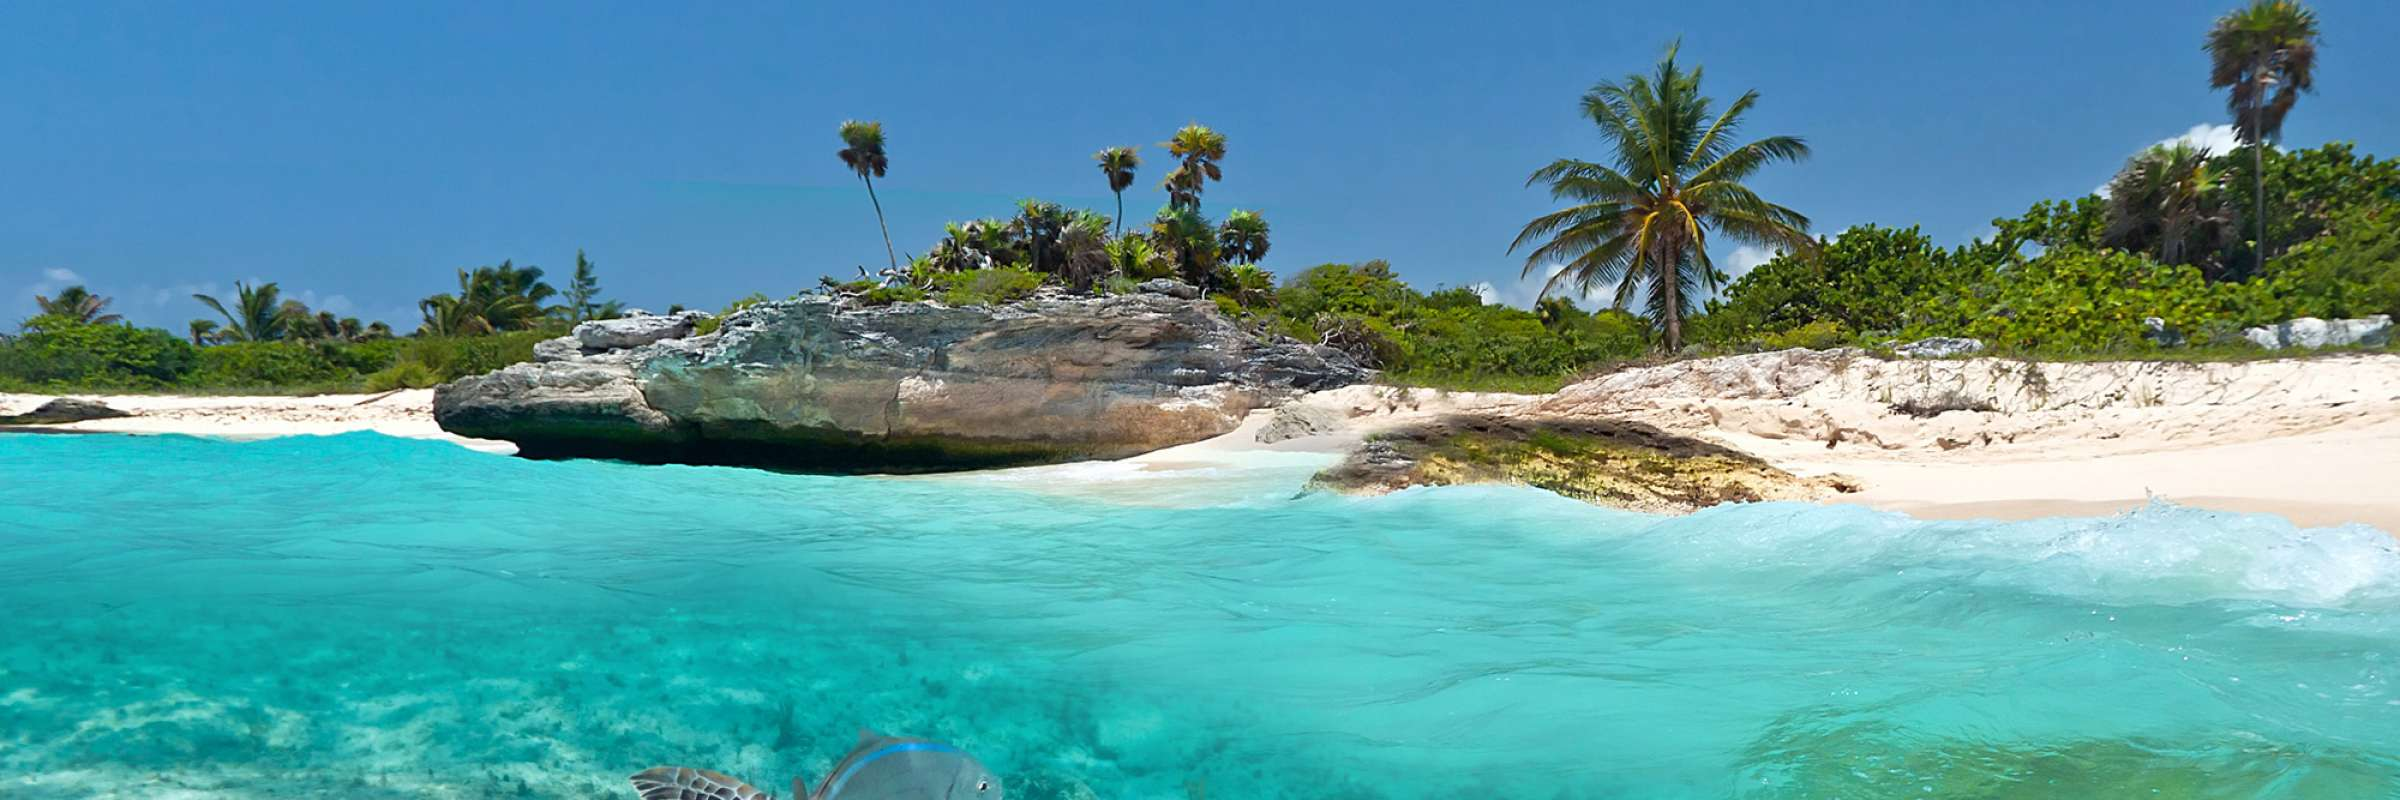 Faites de vos vacances aux Caraïbes, une aventure maritime